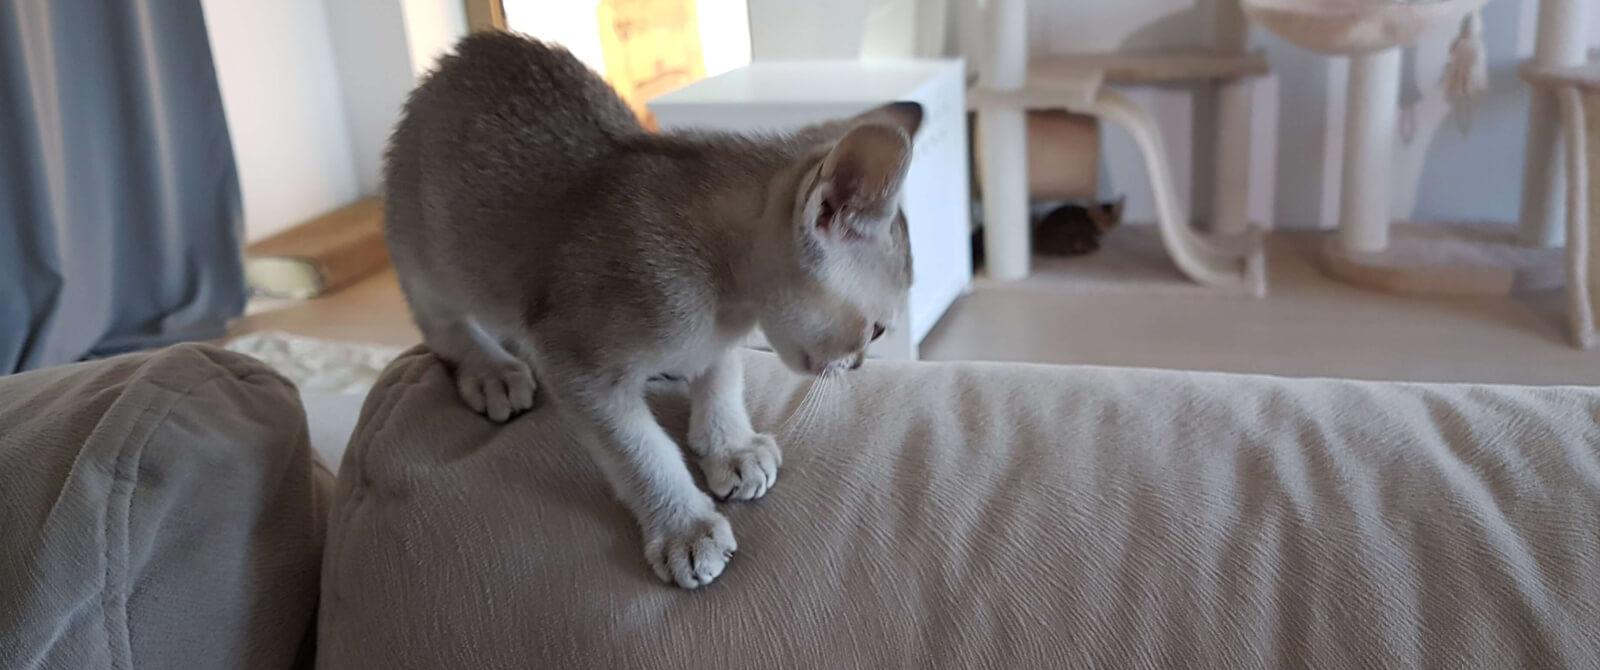 Namų interjeras ir katinas